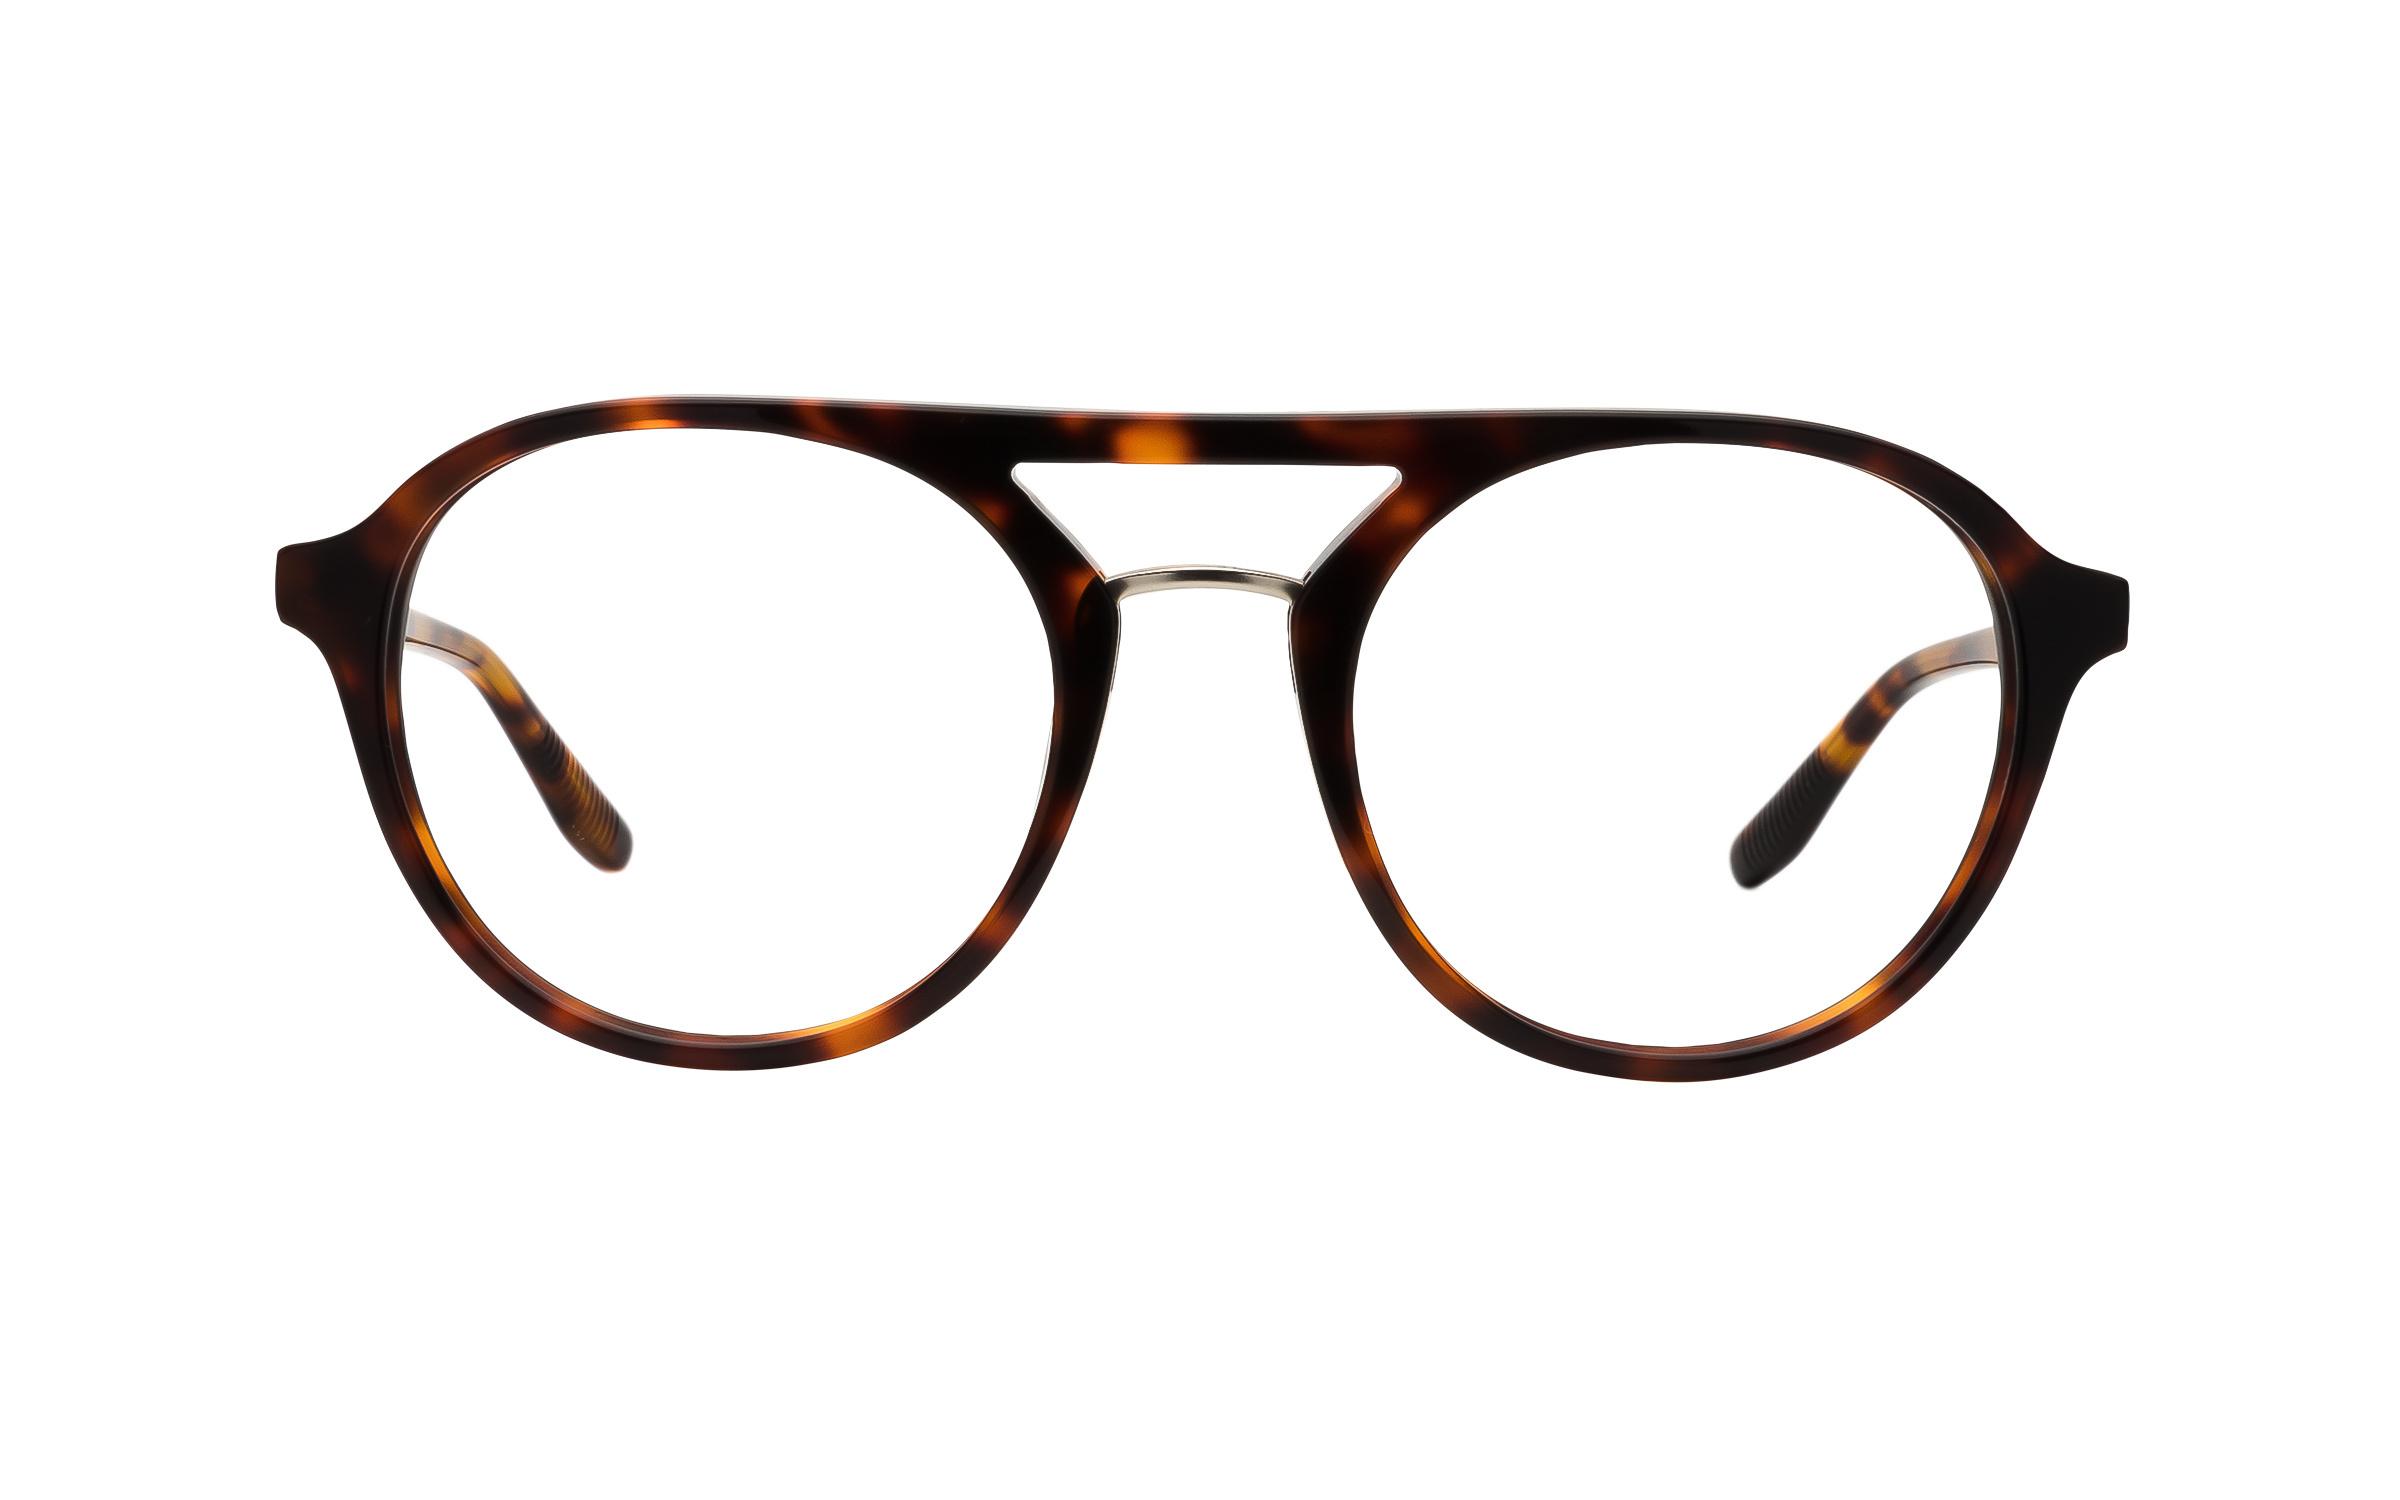 Joseph Marc Dean (50) Eyeglasses And Frame In Tortoise/Brown